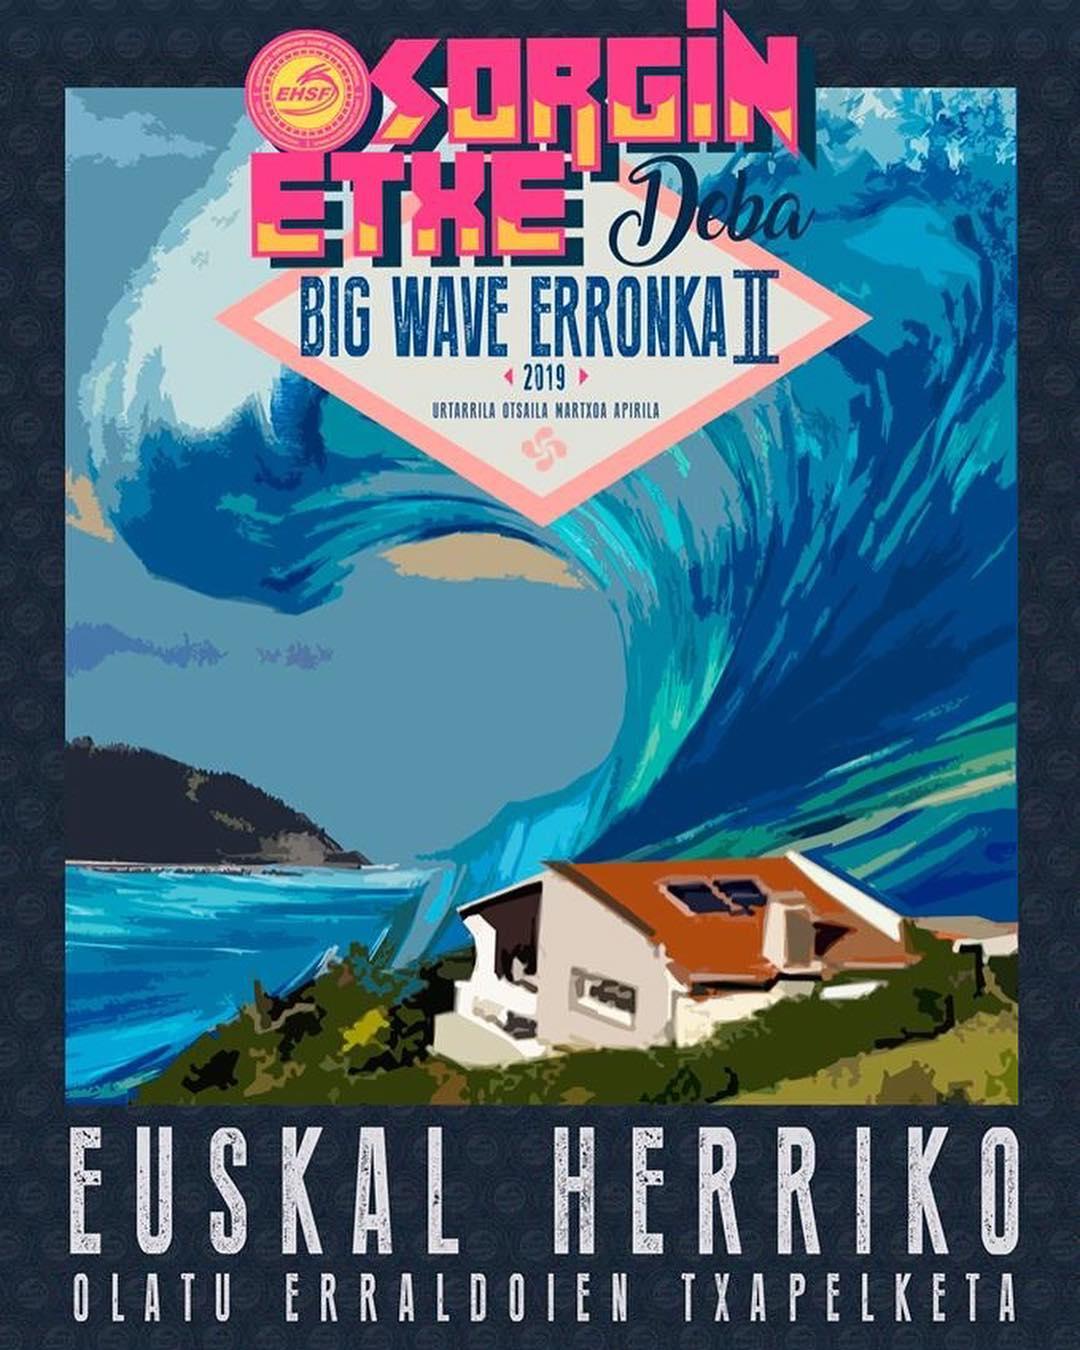 Cartel campeonato Sorgin Etxe Deba Big Wave Erronka II, Essus Surf Eskola